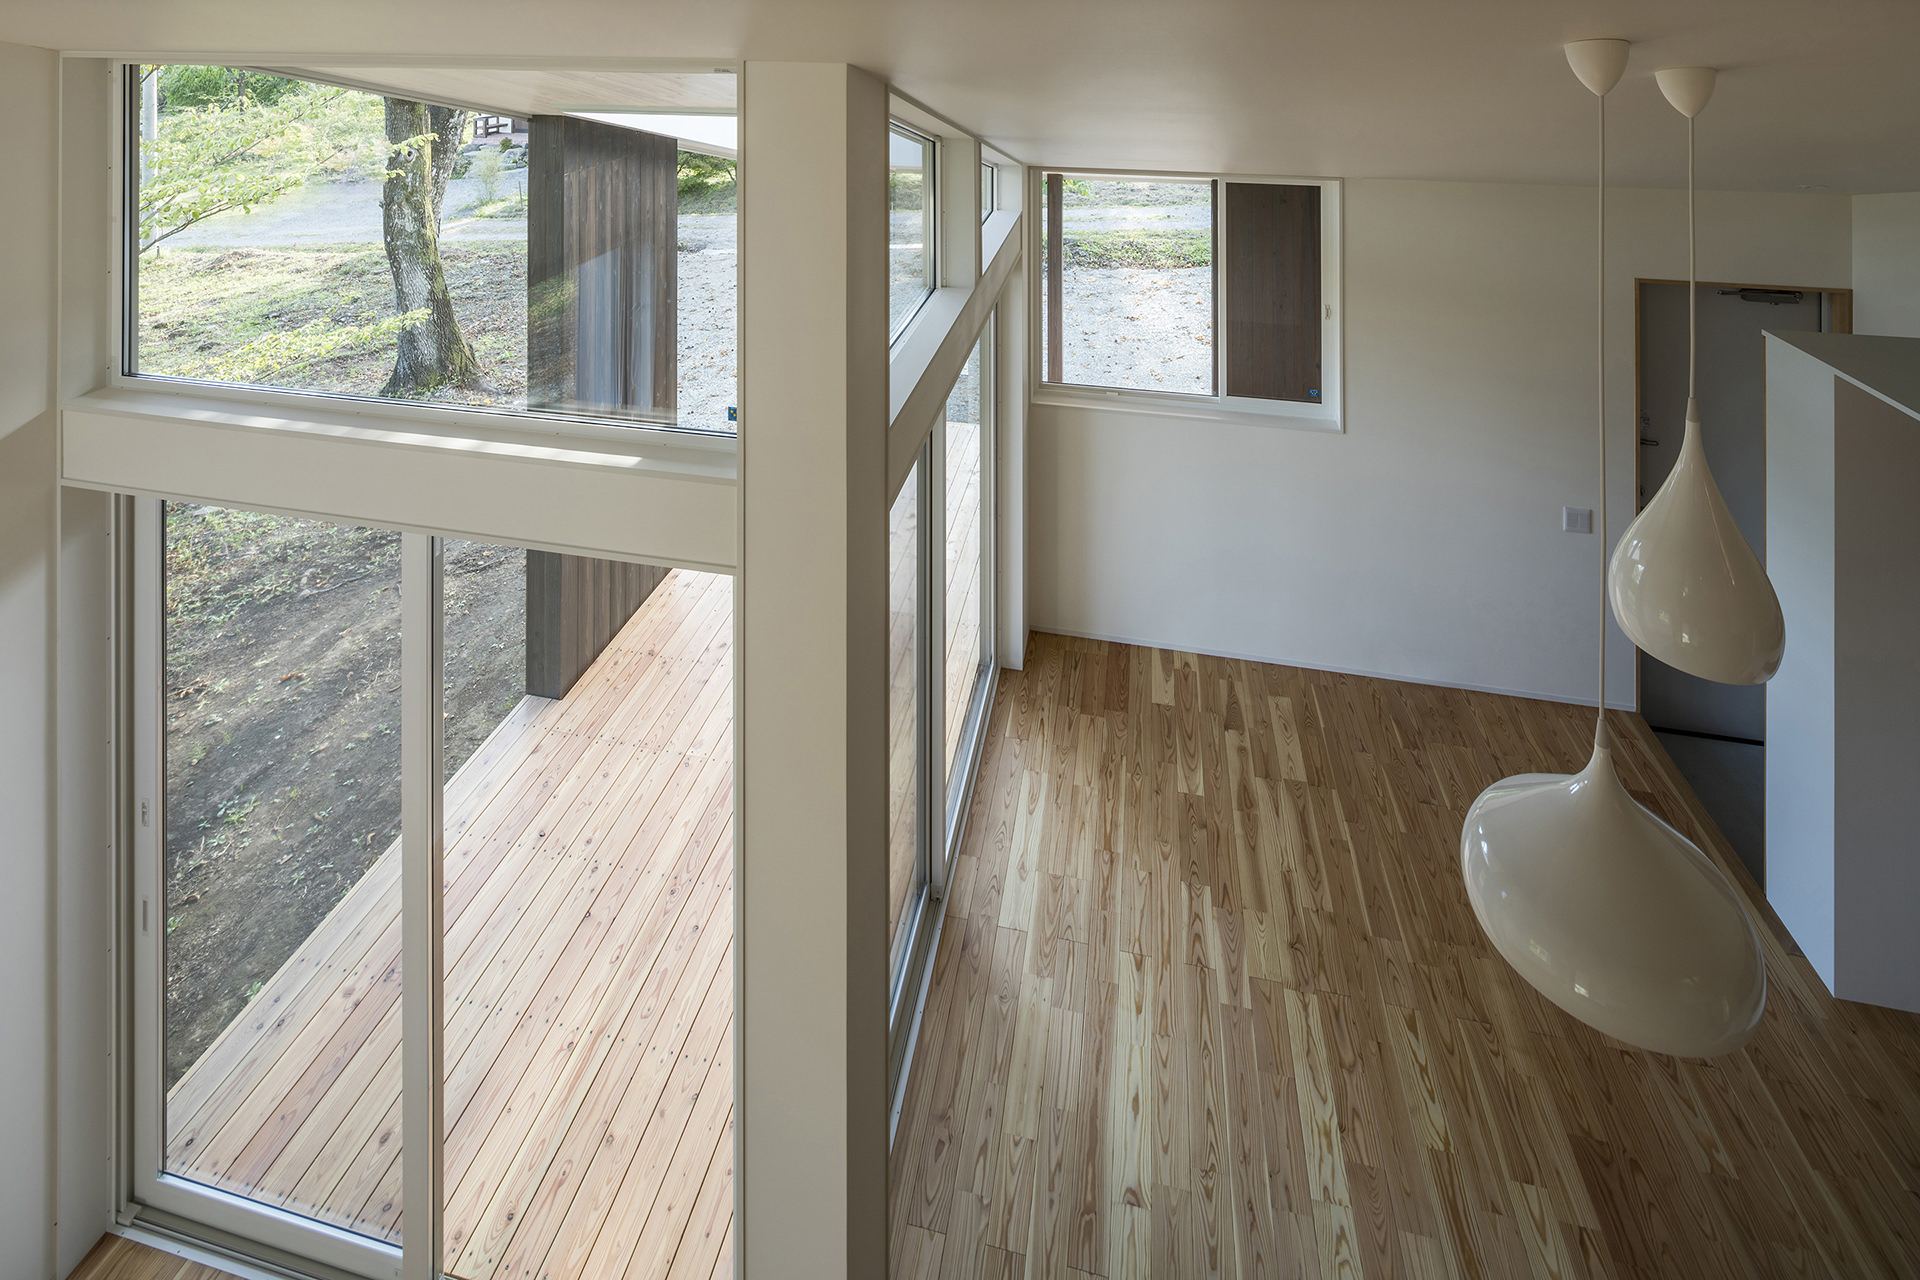 自然に寄り添う、アウトドアリビングをもつ大屋根の家 イメージ18 撮影:東涌写真事務所・東涌宏和